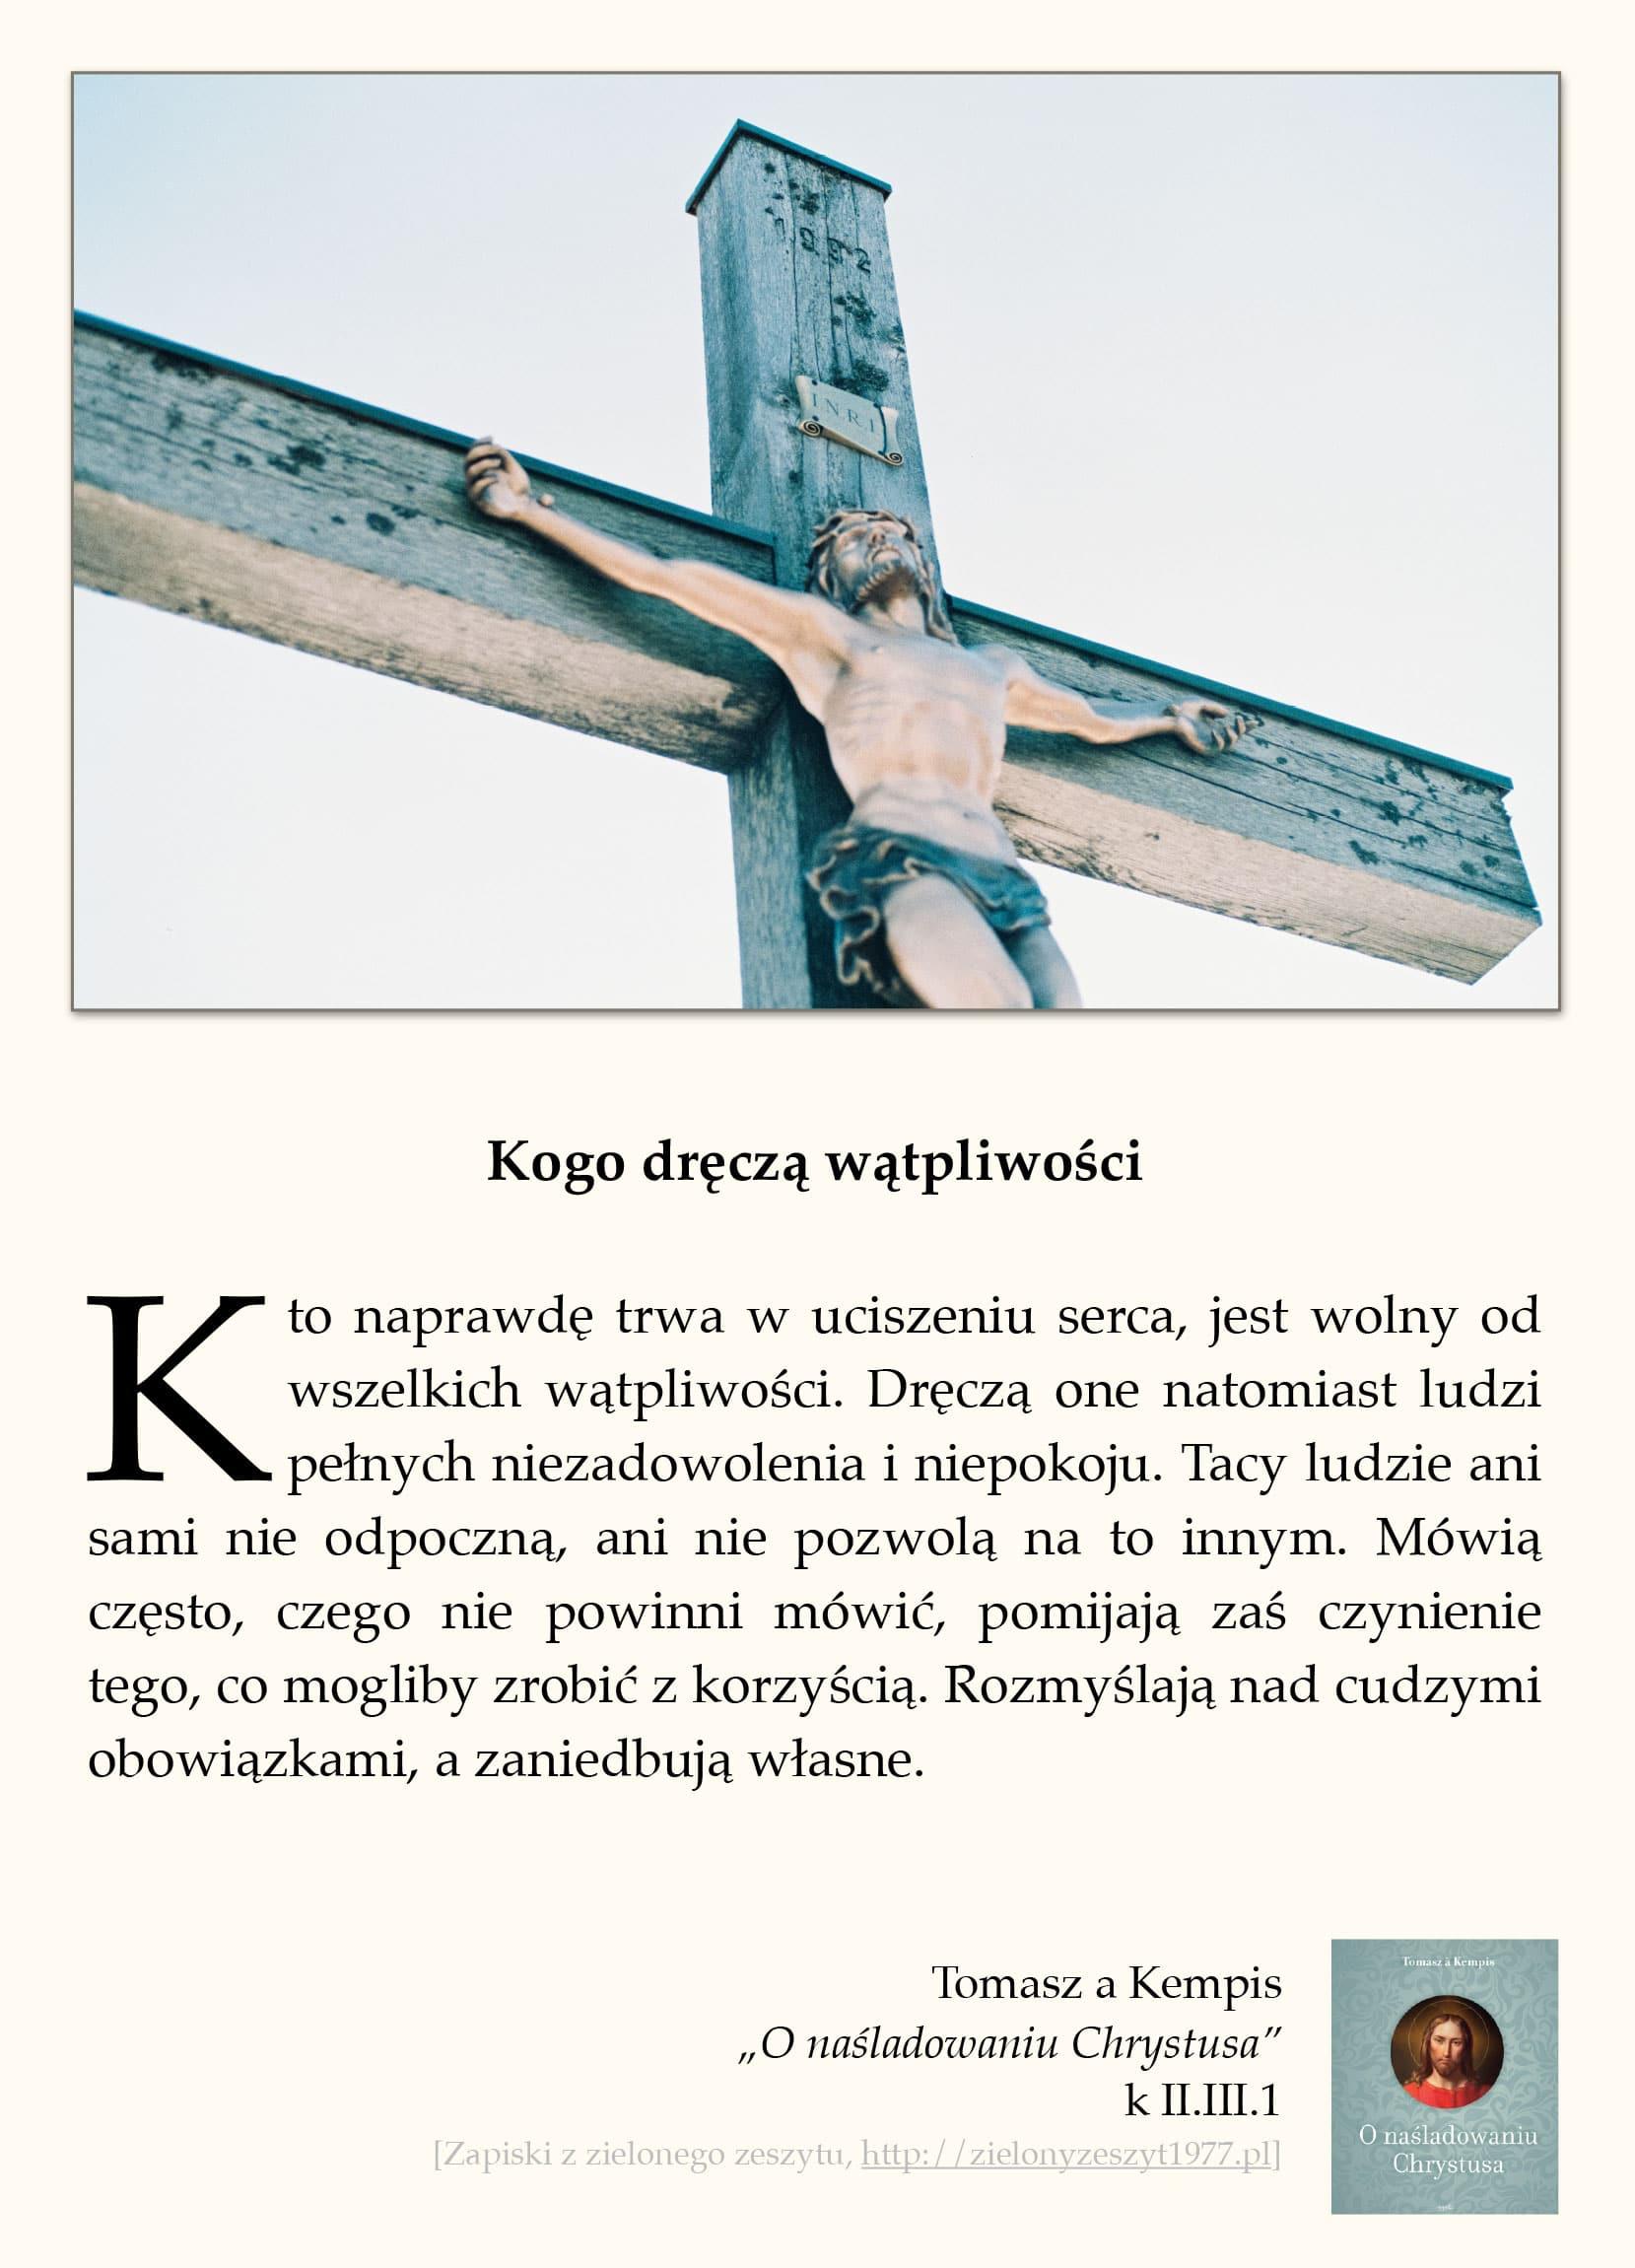 """Tomasz a Kempis, """"O naśladowaniu Chrystusa"""", k II.III.1 (Kogo dręczą wątpliwości)"""